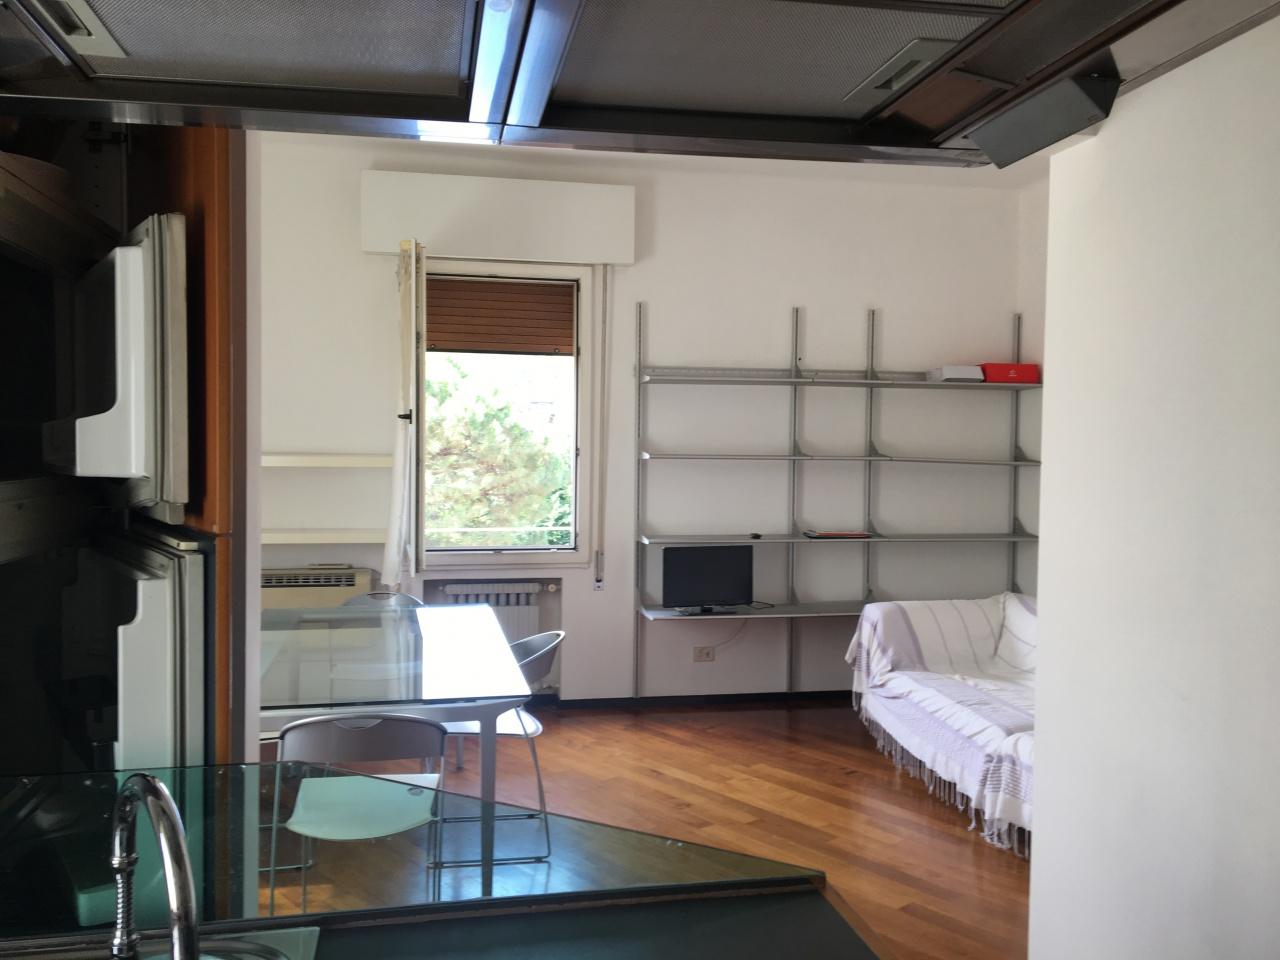 Appartamento in vendita a Bologna, 3 locali, prezzo € 250.000 | CambioCasa.it